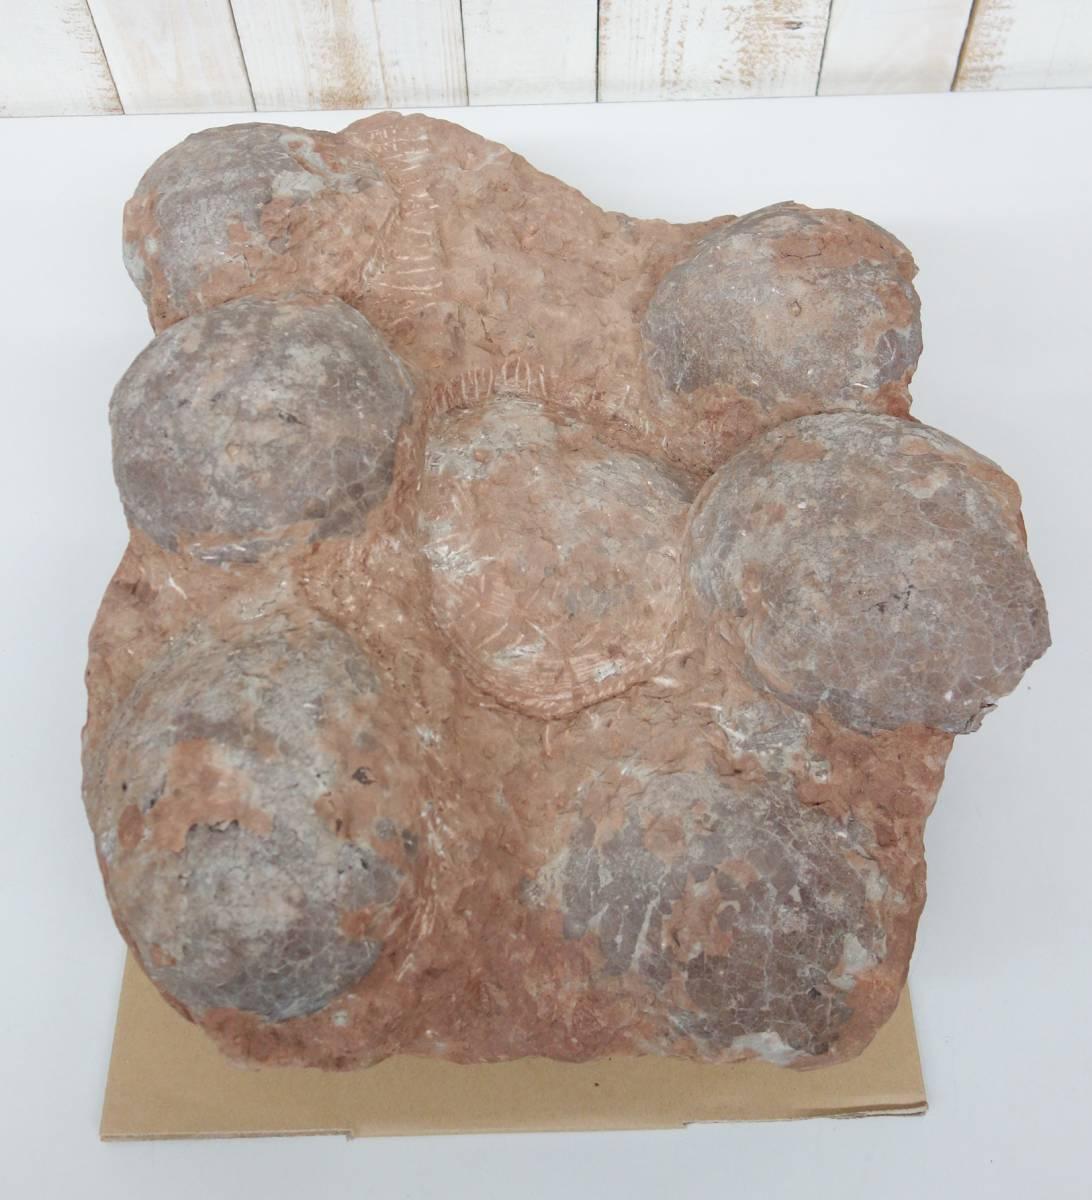 古代 歴史 貴重*資料館 博物館級*恐竜の卵の化石 希少七個 母岩付*総重量で約38.8kg*サイズ50cm x 40cm 高さ20cm *鉱物 標本